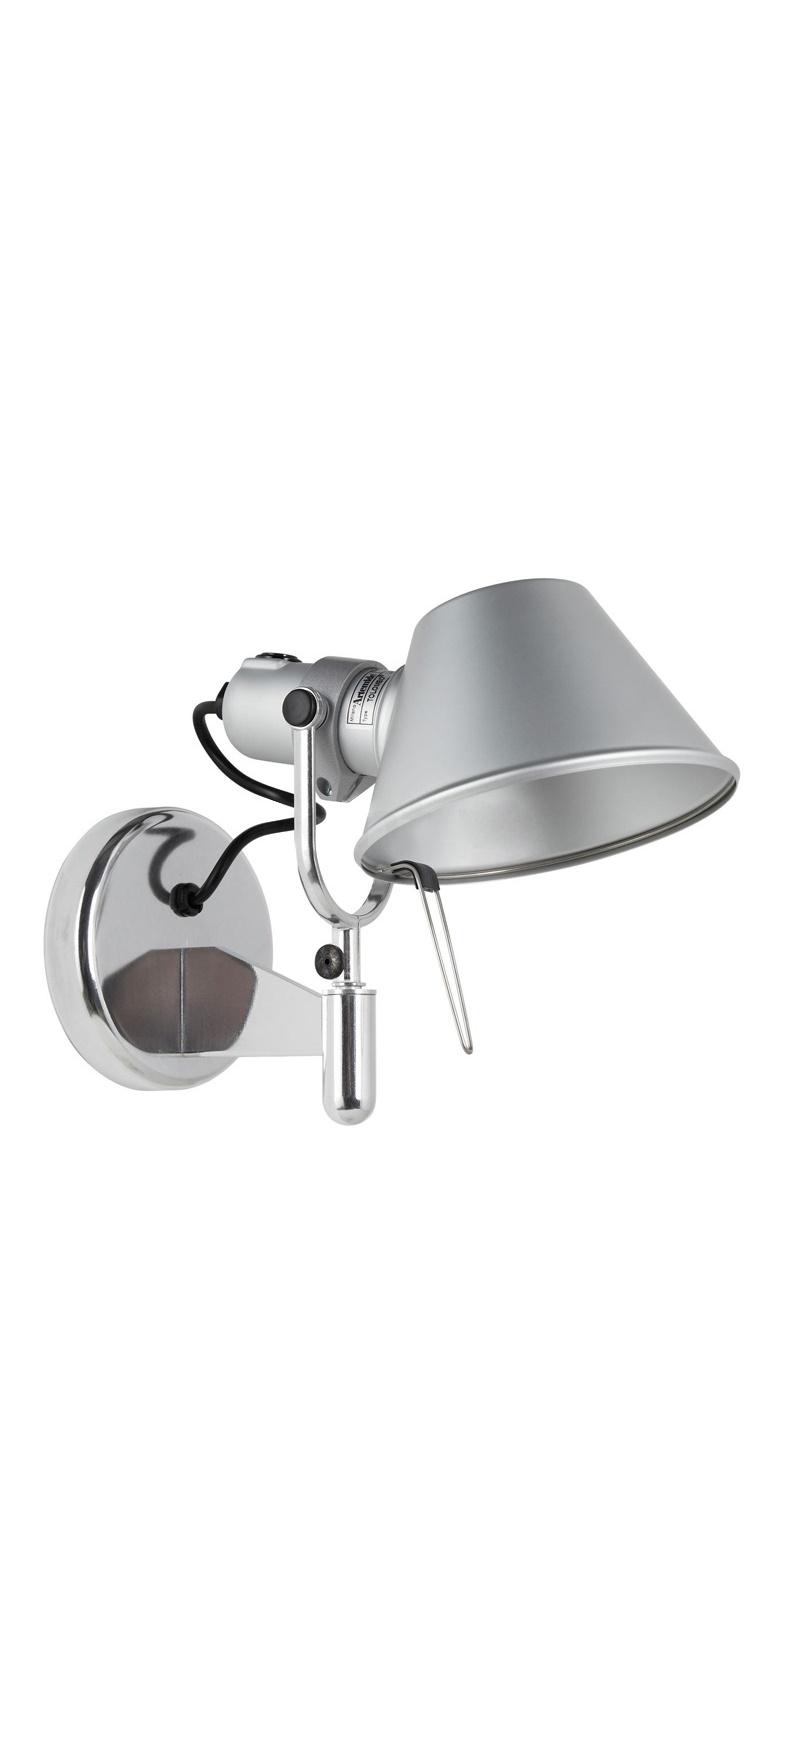 Настенный светильник Tolomeo faretto haloБра<br>&amp;lt;div&amp;gt;Tolomeo – культовый предмет конца 1980-х годов. Именно тогда дизайнеры Микеле Де Луччи и Джанкарло Фассина в творческом тандеме придумали настольную лампу для Artemide. Настенный светильник Faretto не менее популярен своего предшественника. Модель выполнена из полированного и анодированного алюминия. Благодаря чему достигнуто необычное сочетание блестящей и матовой поверхностей. Такая вещь как нельзя лучше подойдет контрастному стилю лофт. &amp;amp;nbsp; &amp;amp;nbsp;&amp;amp;nbsp;&amp;lt;br&amp;gt;&amp;lt;/div&amp;gt;&amp;lt;div&amp;gt;&amp;lt;br&amp;gt;&amp;lt;/div&amp;gt;&amp;lt;div&amp;gt;Количество лампочек: 1&amp;lt;/div&amp;gt;&amp;lt;div&amp;gt;Мощность: 1 x 100 Вт&amp;lt;/div&amp;gt;&amp;lt;div&amp;gt;Тип лампы: галогенная, E27&amp;lt;/div&amp;gt;<br><br>Material: Металл<br>Depth см: 28<br>Height см: 23